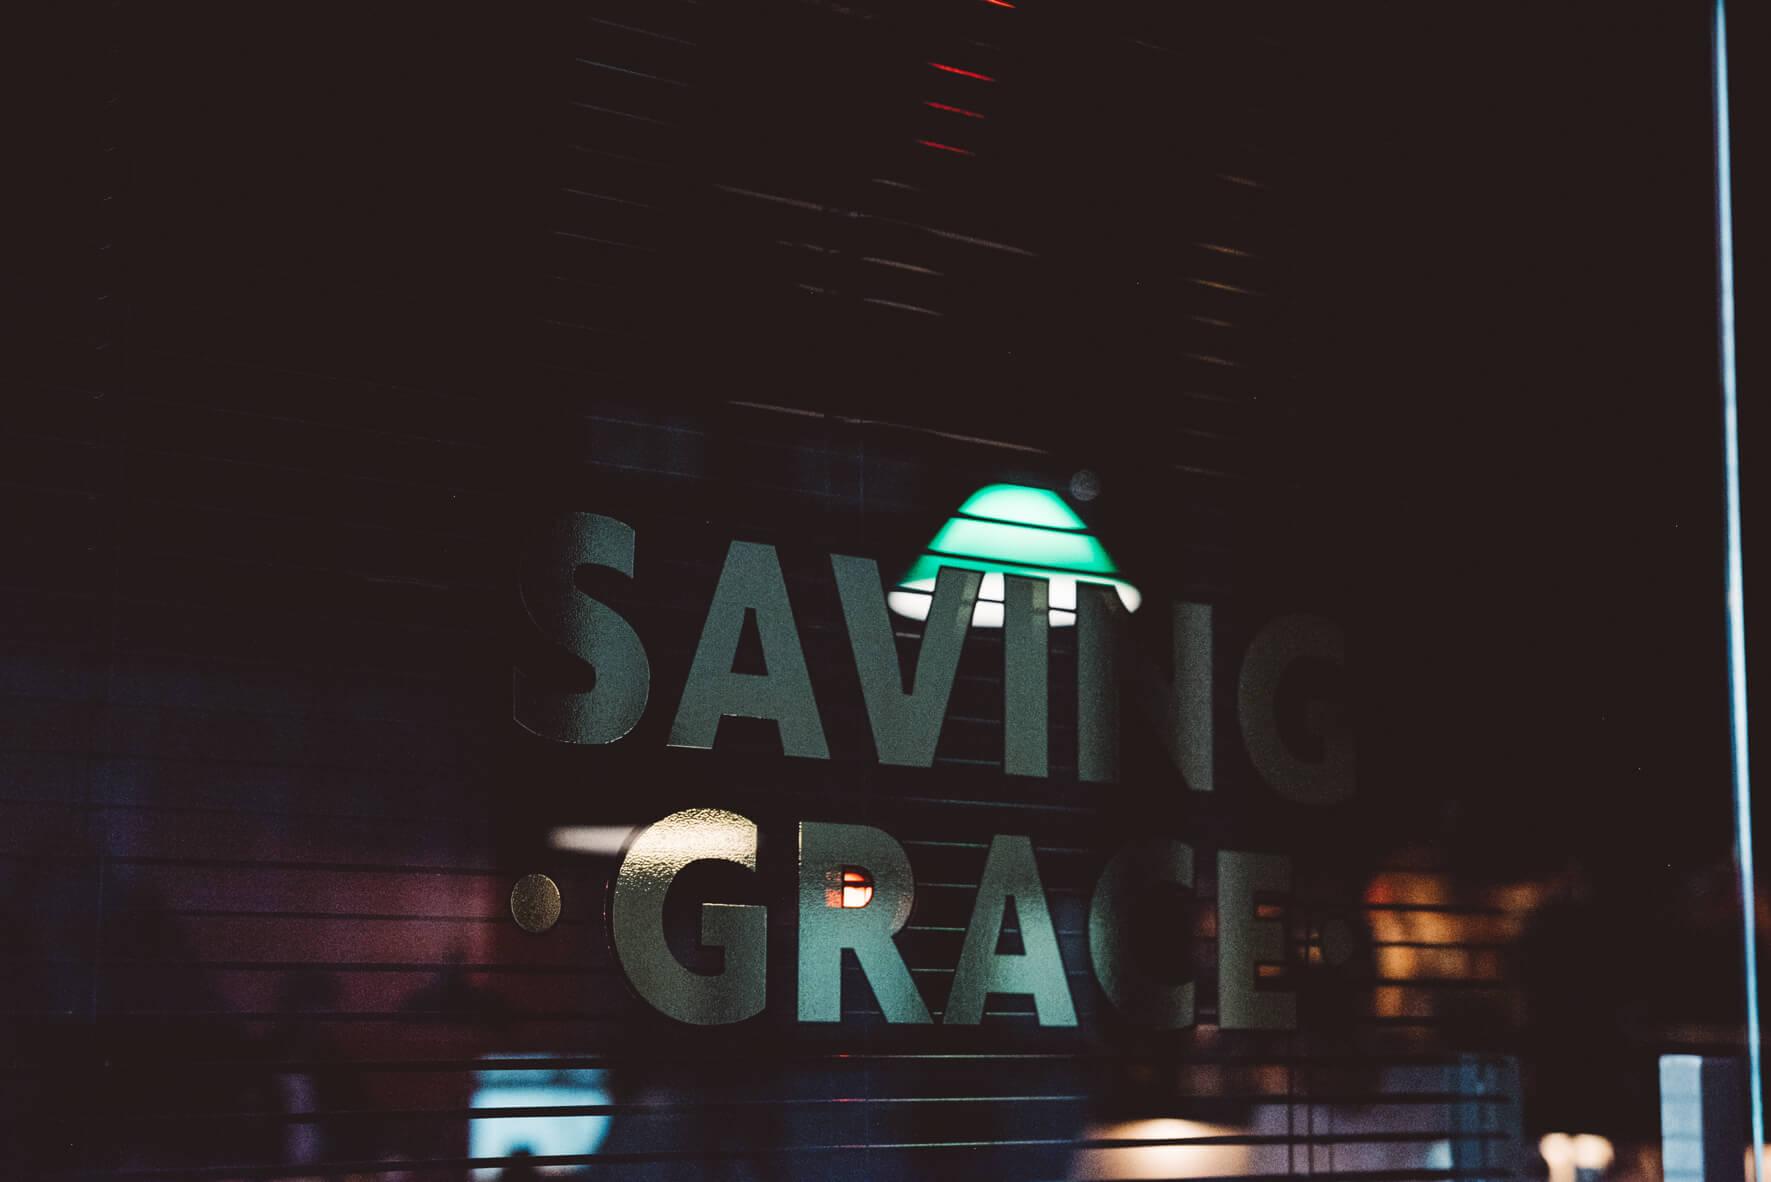 SavingGrace-234.jpg